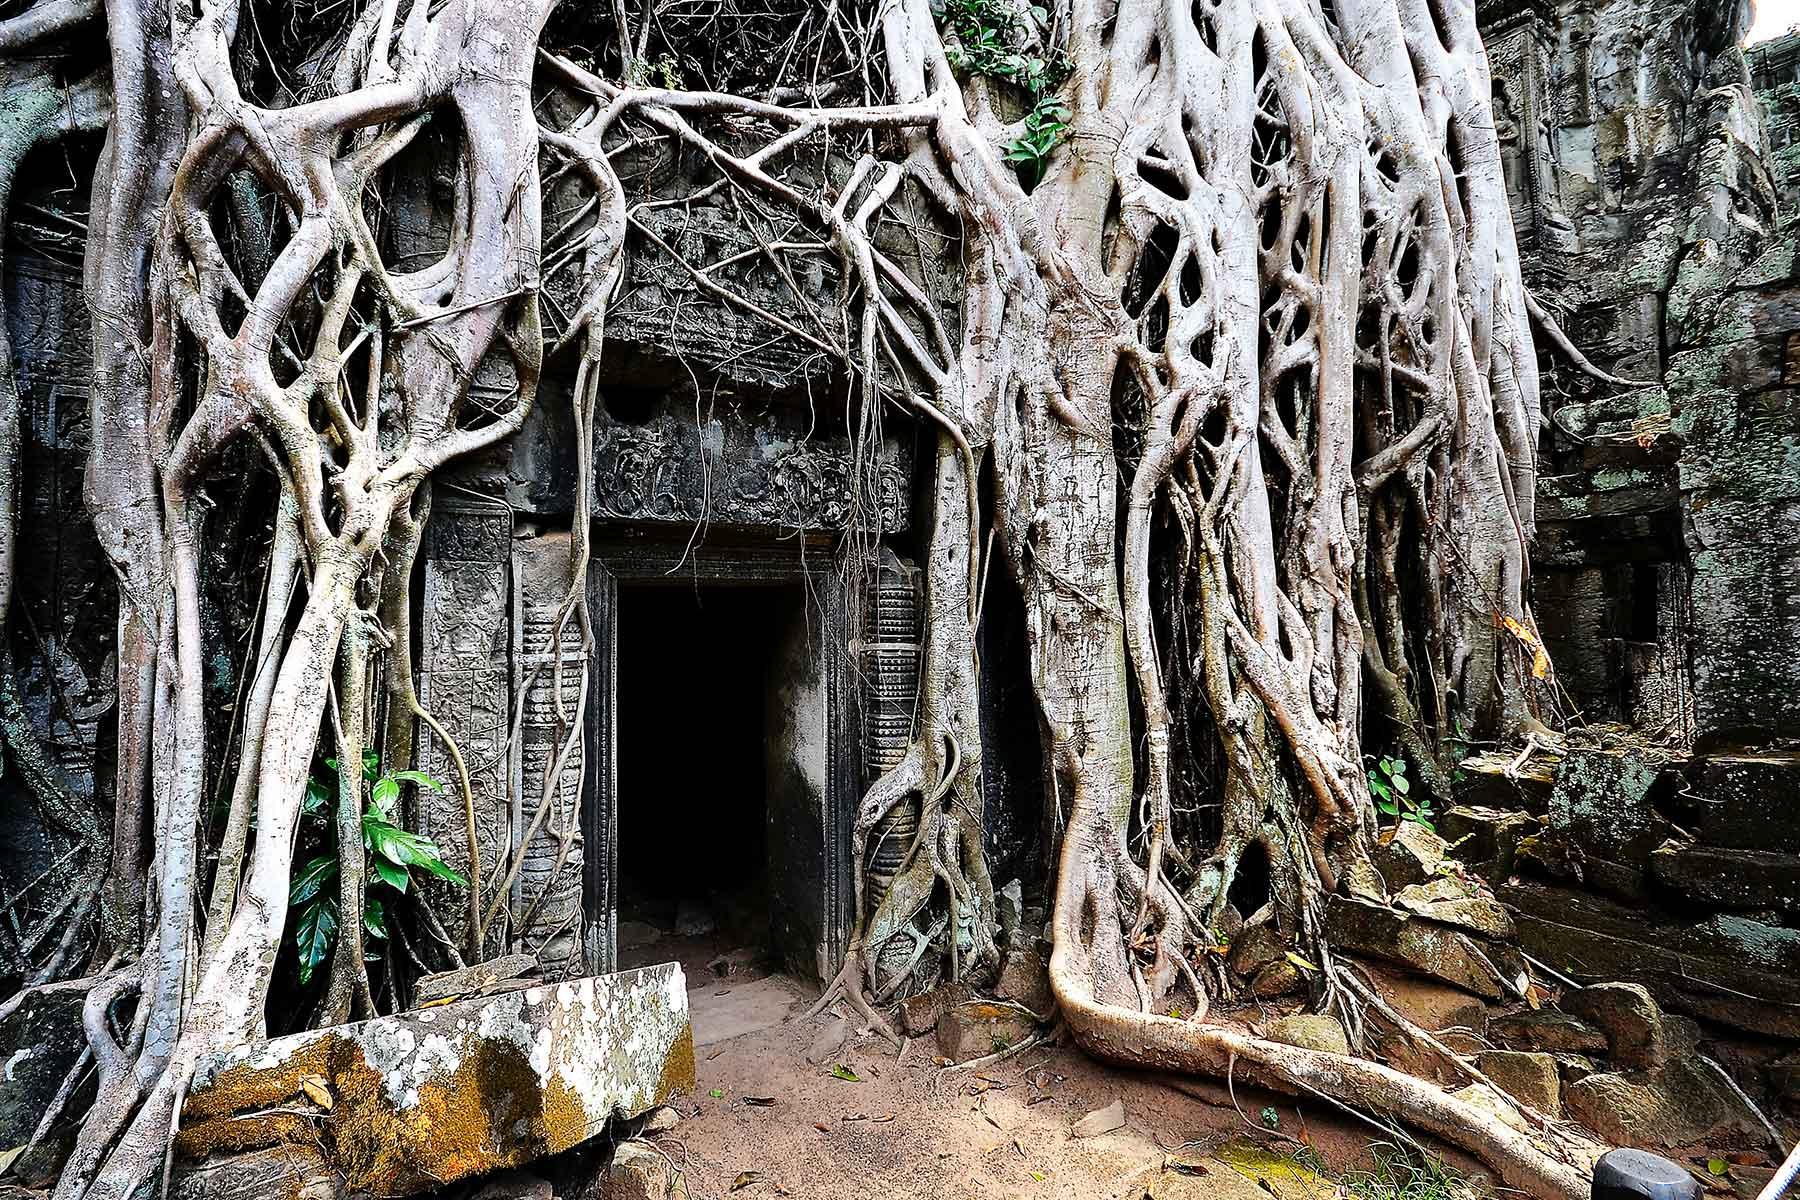 Rundresa-i-Kambodja-med-Angkor-Wat---Nygren-&-Lind-resebyrå---rötter